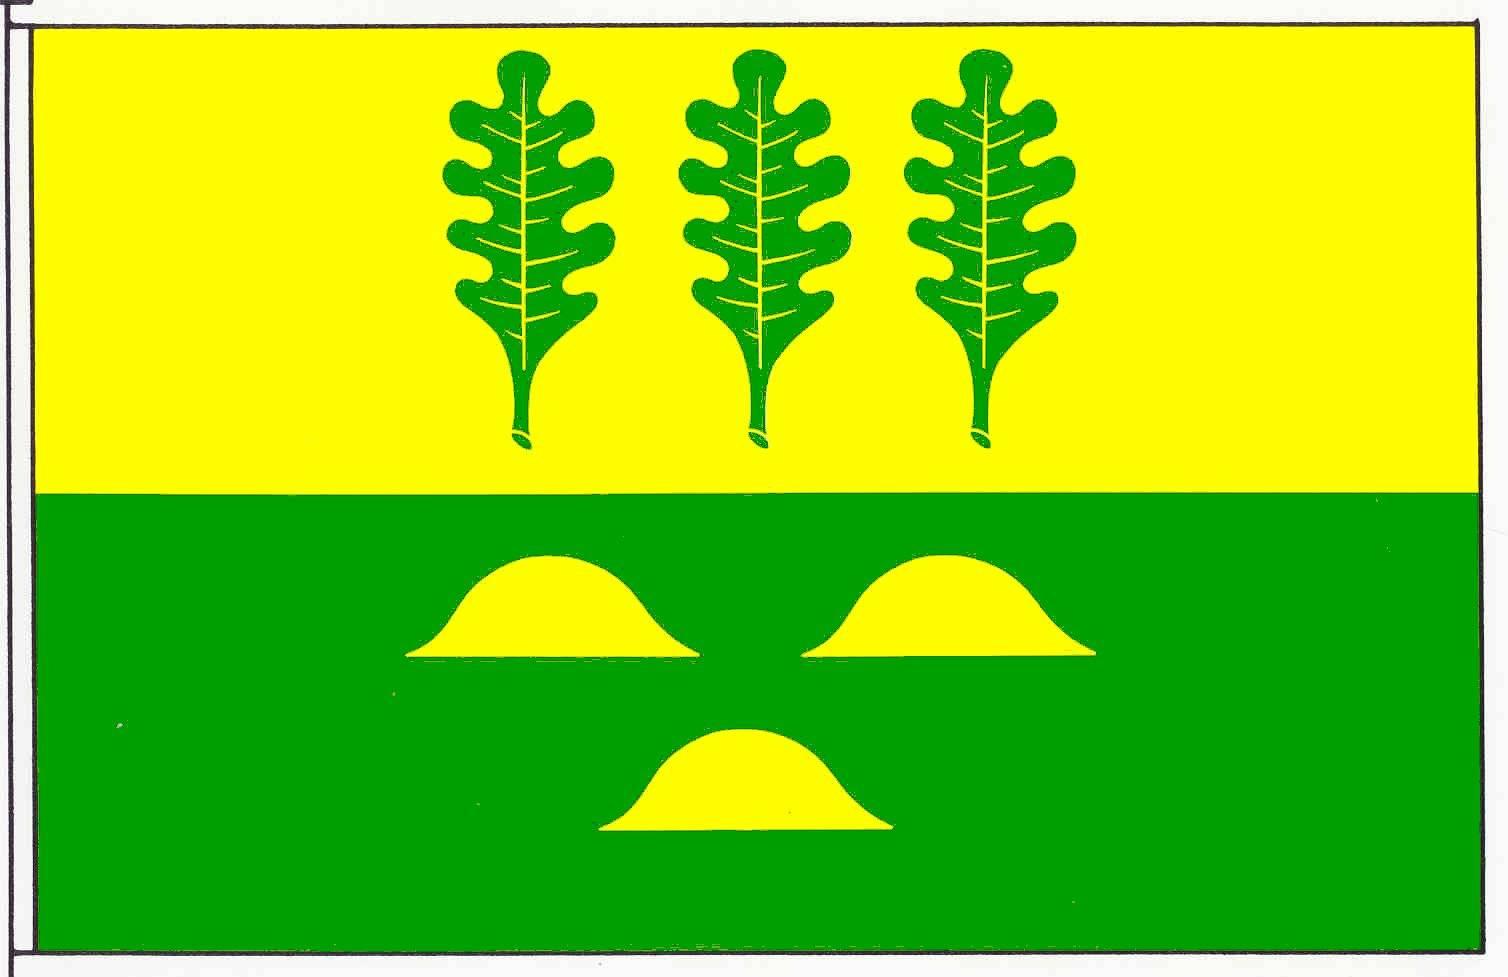 Flagge GemeindeEhndorf, Kreis Rendsburg-Eckernförde